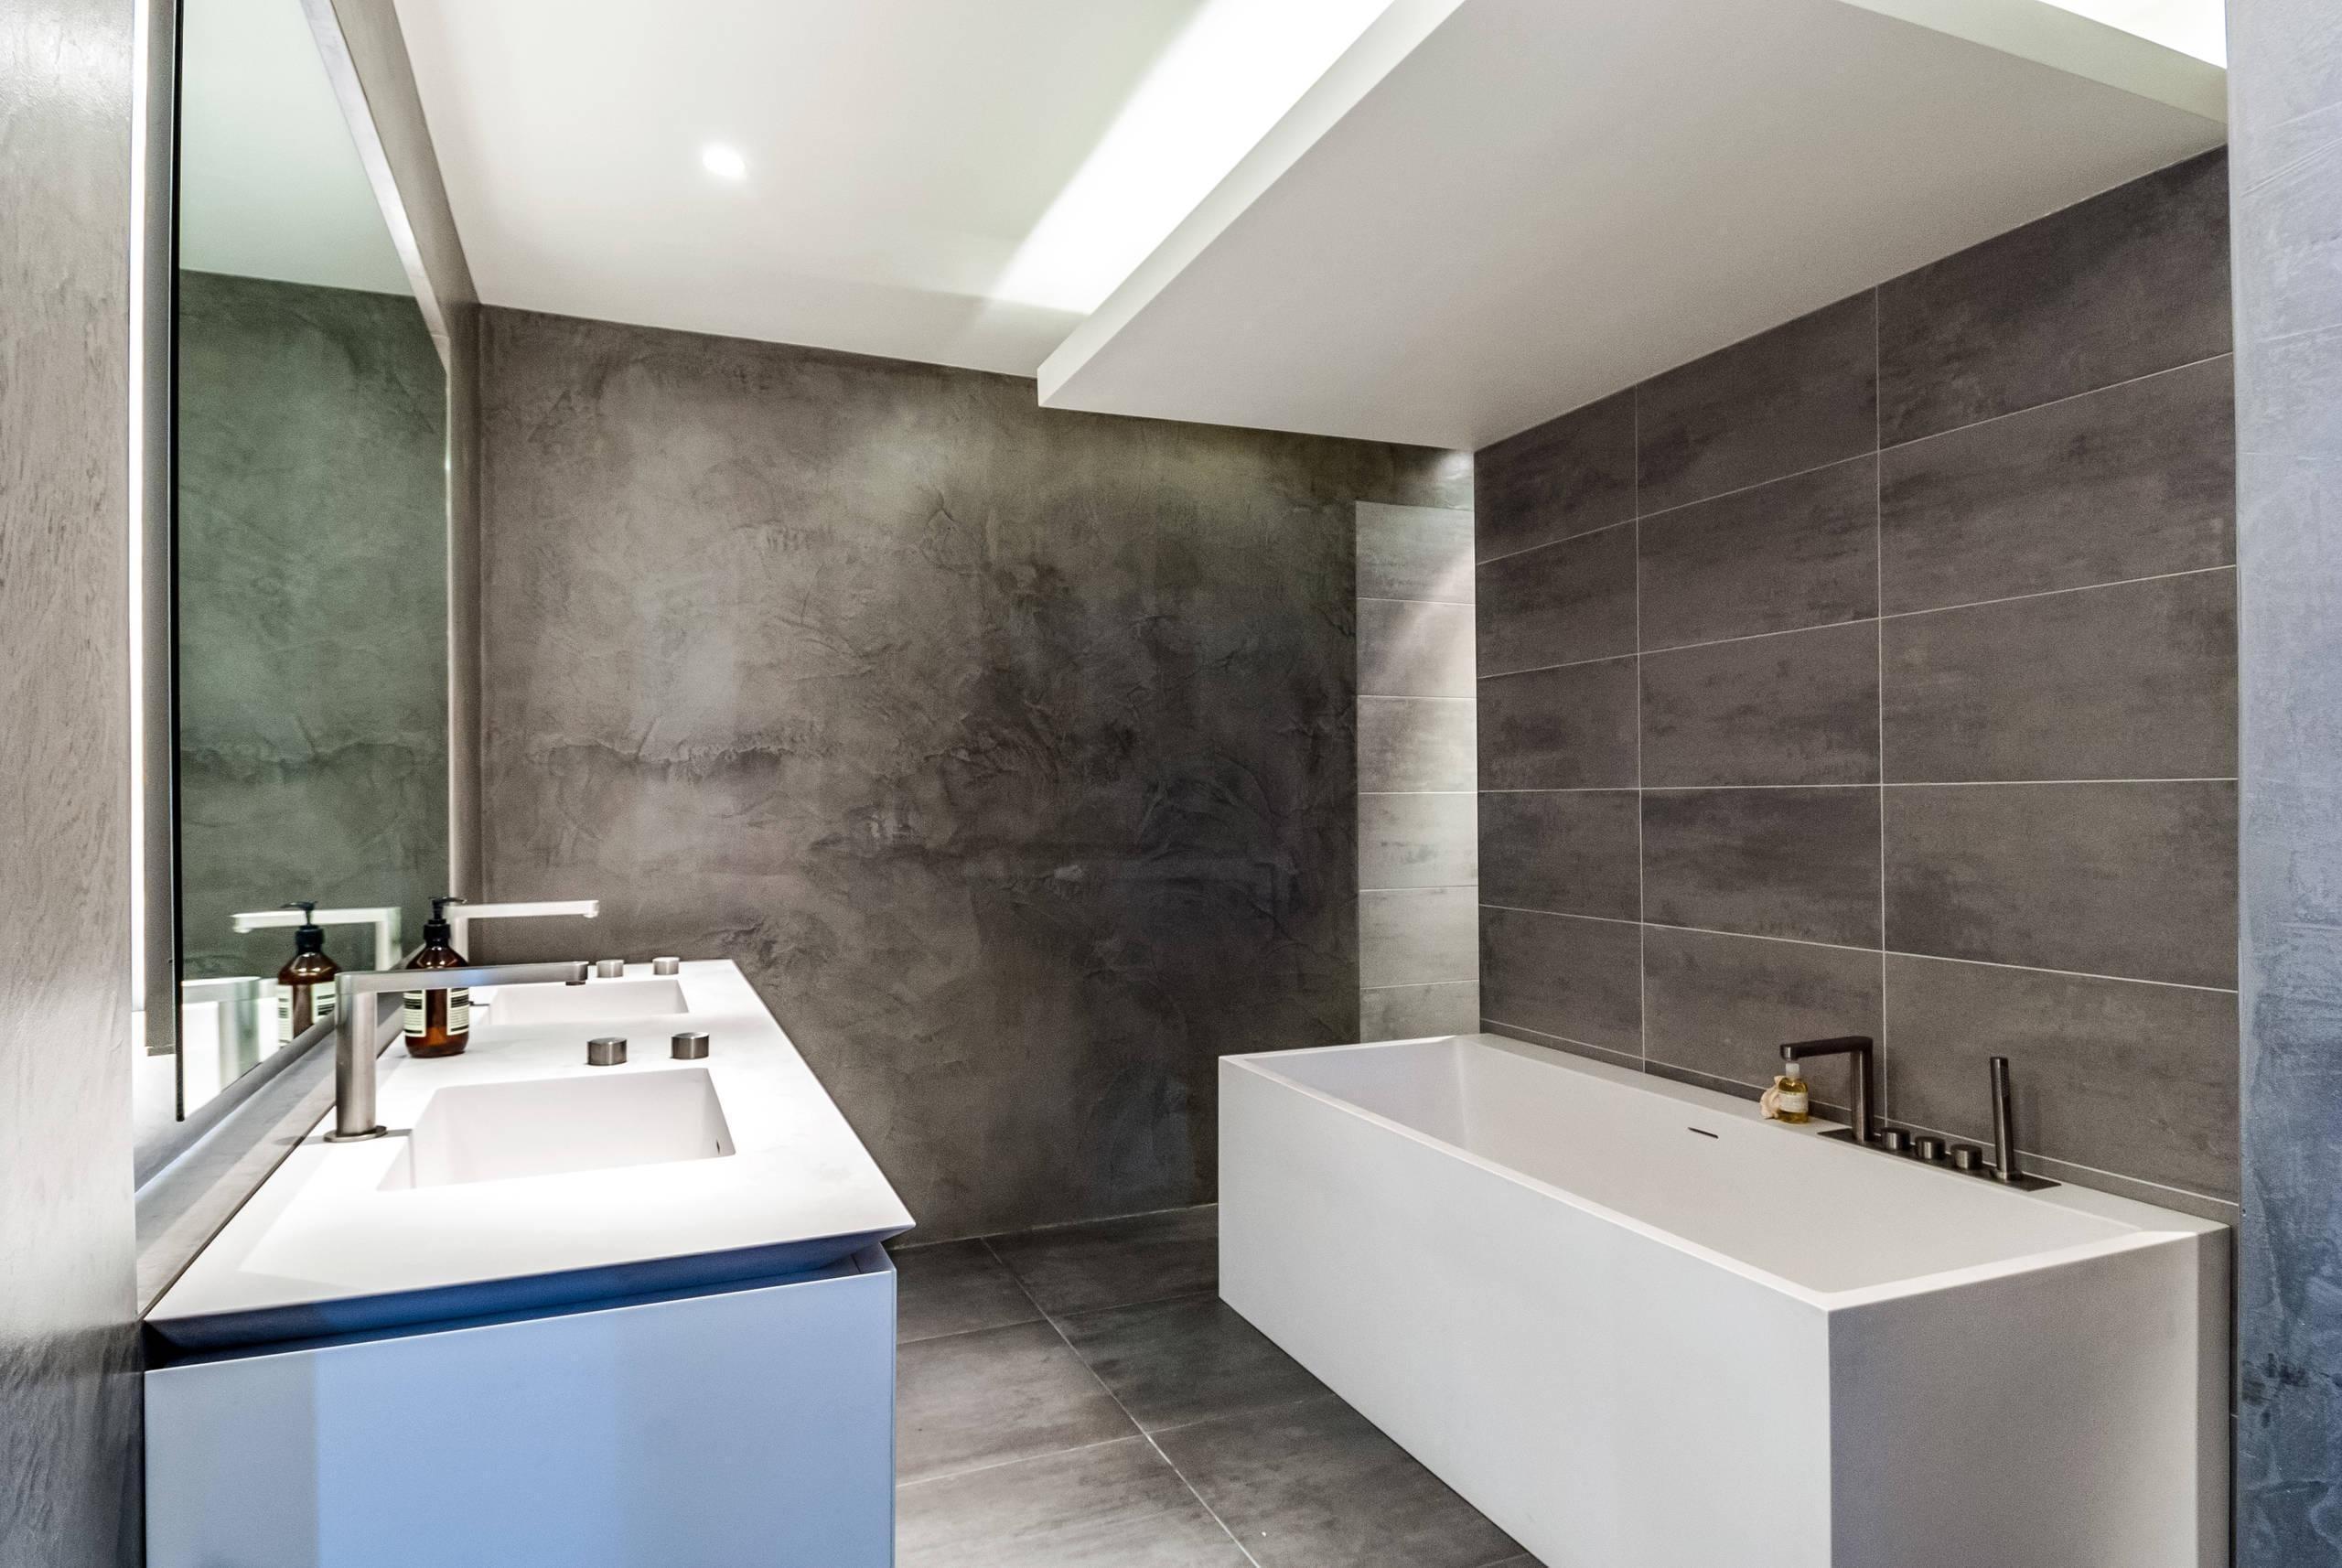 Sanca de gesso: 69 modelos para deixar sua casa sofisticada #3F608C 2560x1714 Banheiro Com Gesso